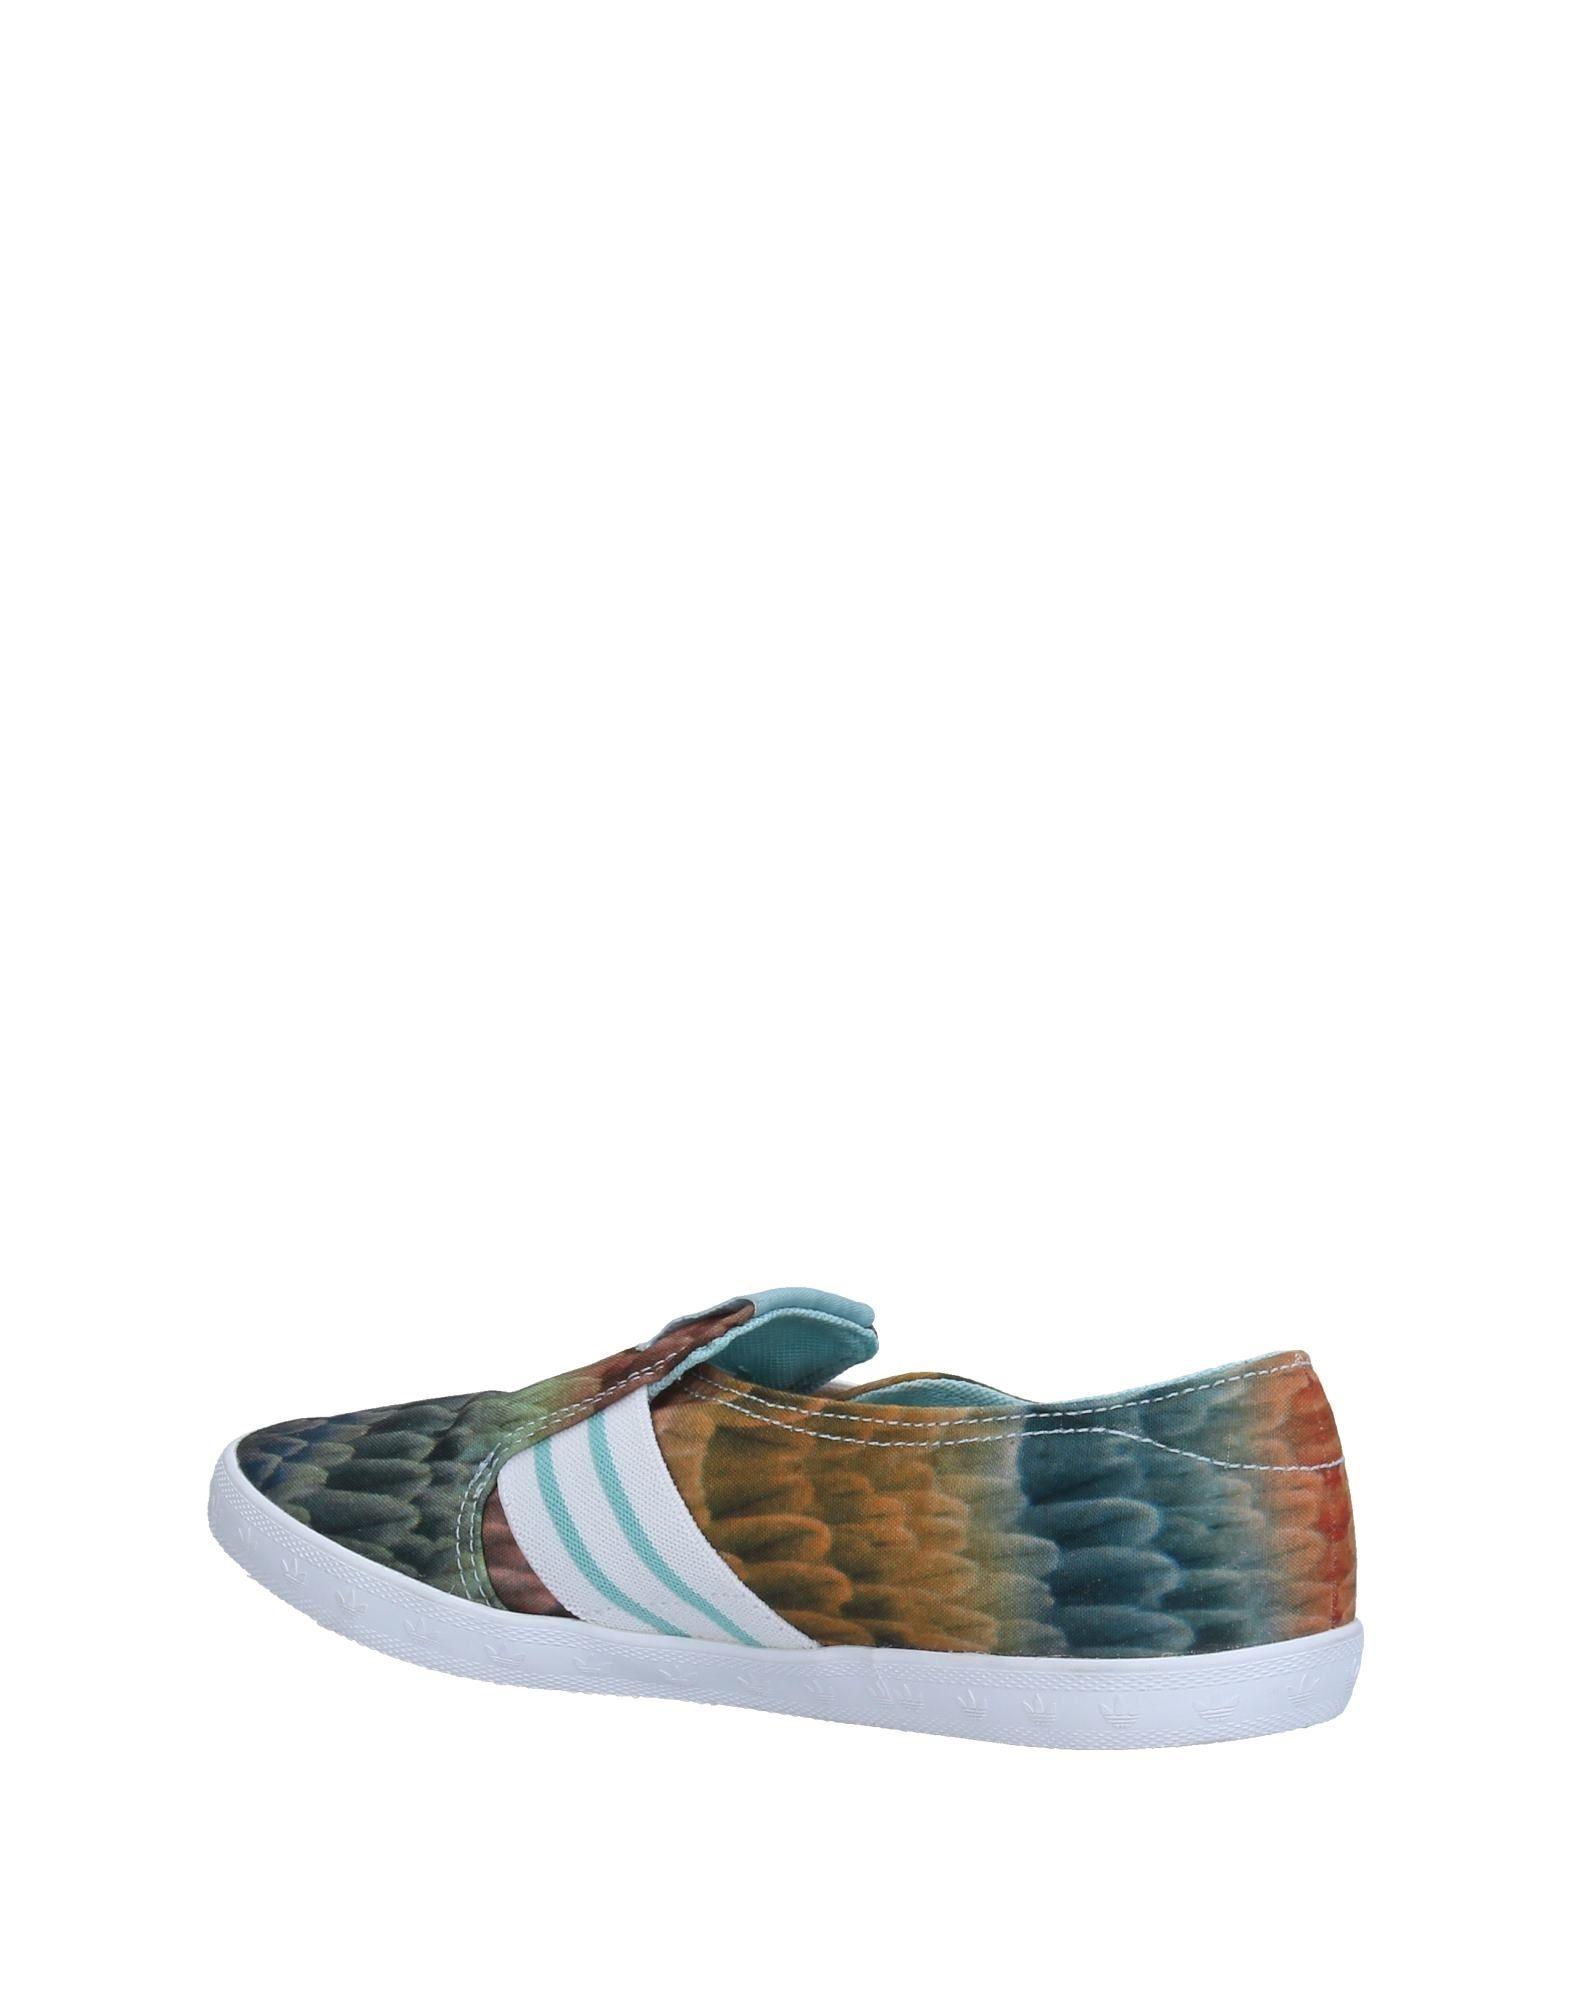 Moda Sneakers Adidas Donna - 11230828CC